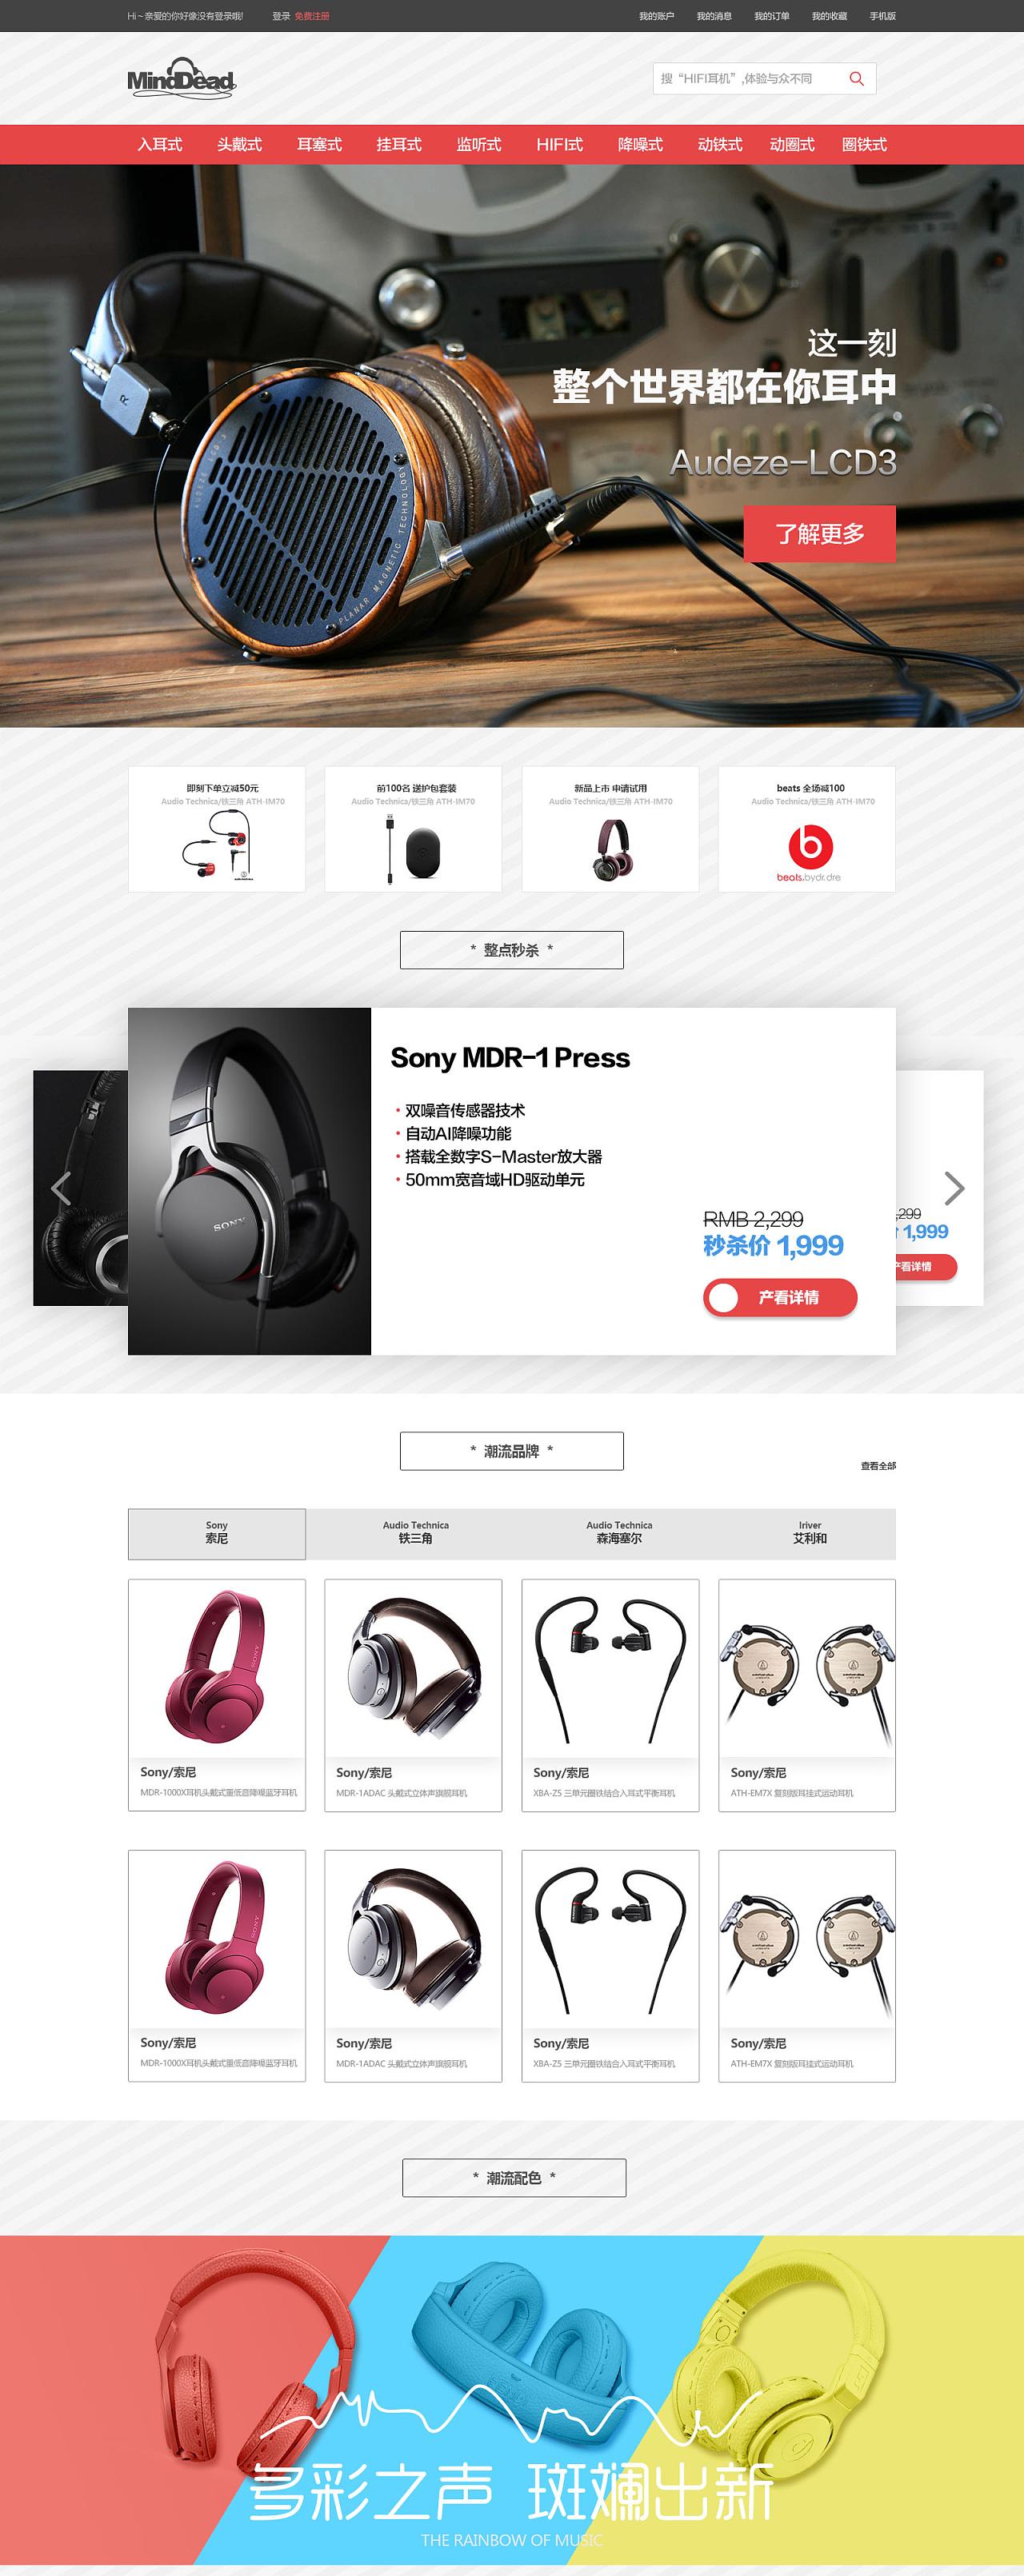 耳极 / 耳机发烧友垂直类电商(参与调研,竞品分析,交互原型